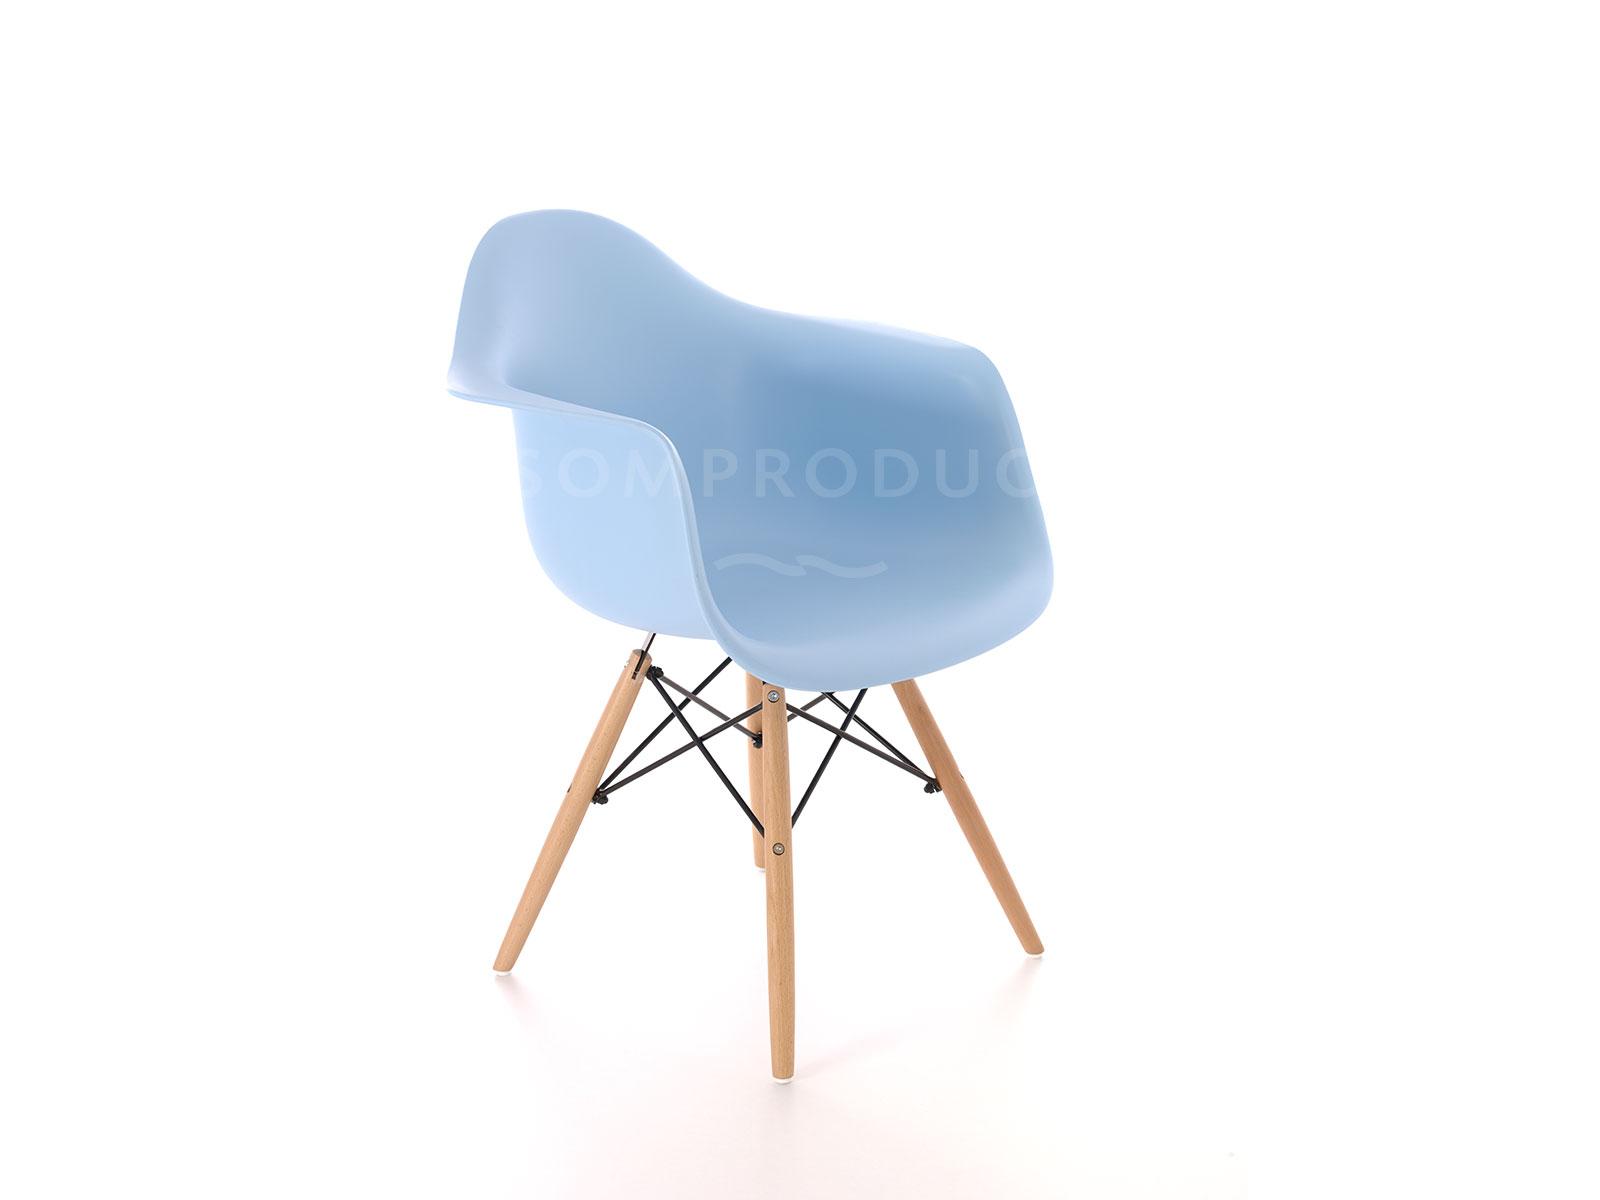 Scaun din plastic cu picioare din lemn Tingo Blue, l62xA46xH83 cm imagine